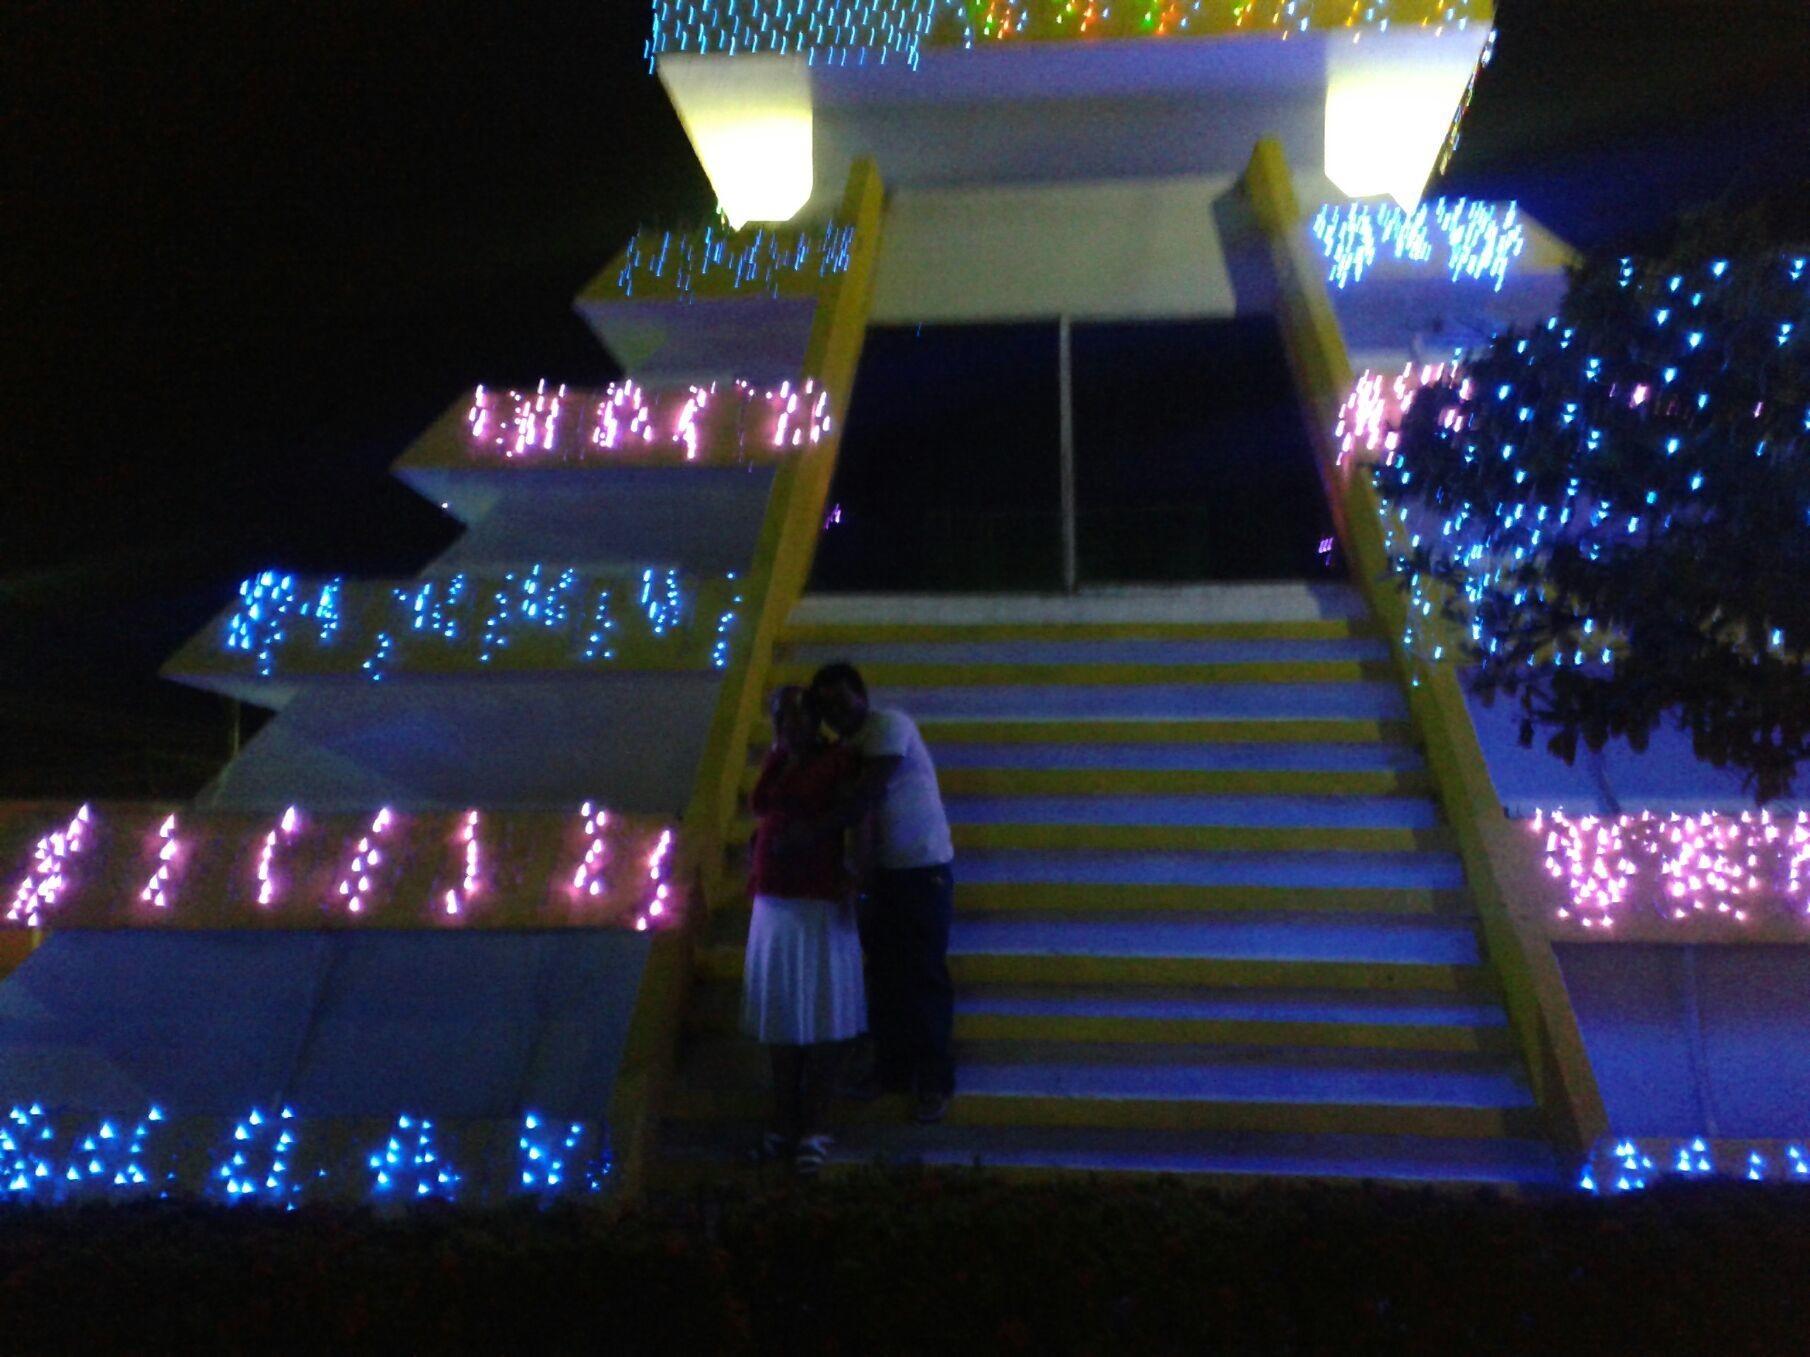 Maria asuncion y su esposo en jalpa la pirámide